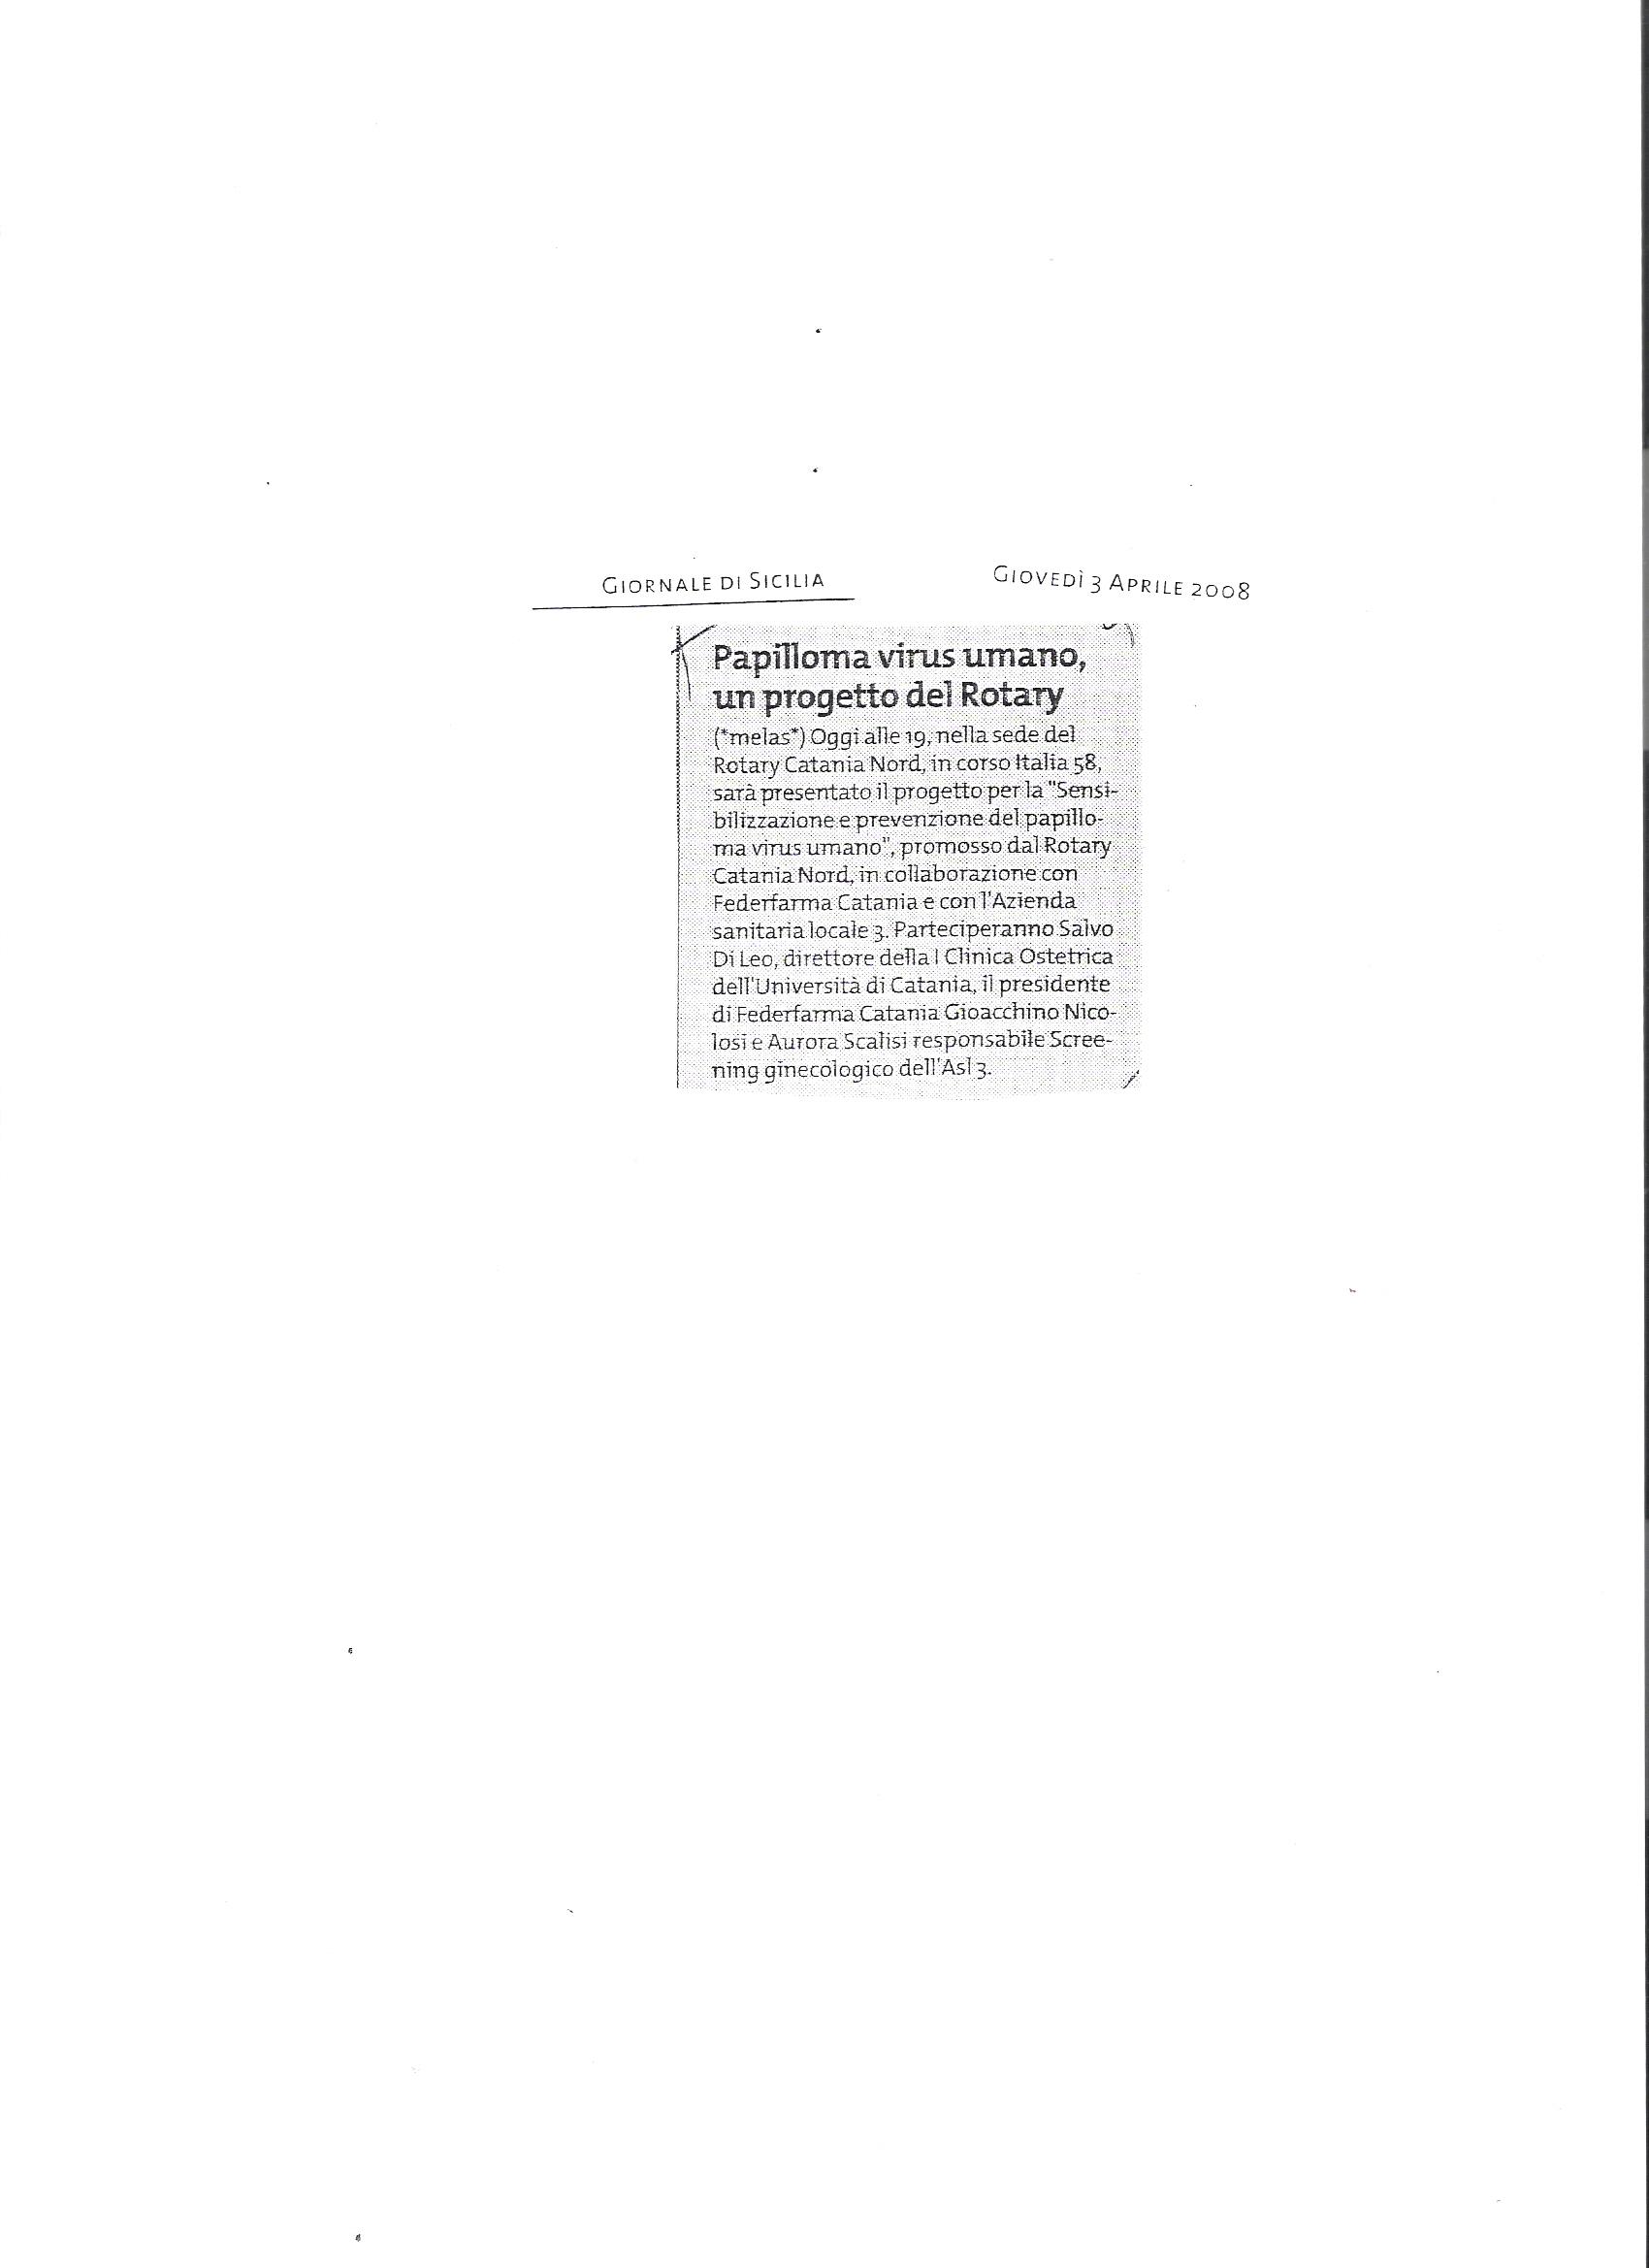 Papilloma virus umano un pro to di Rotary e Federfarma